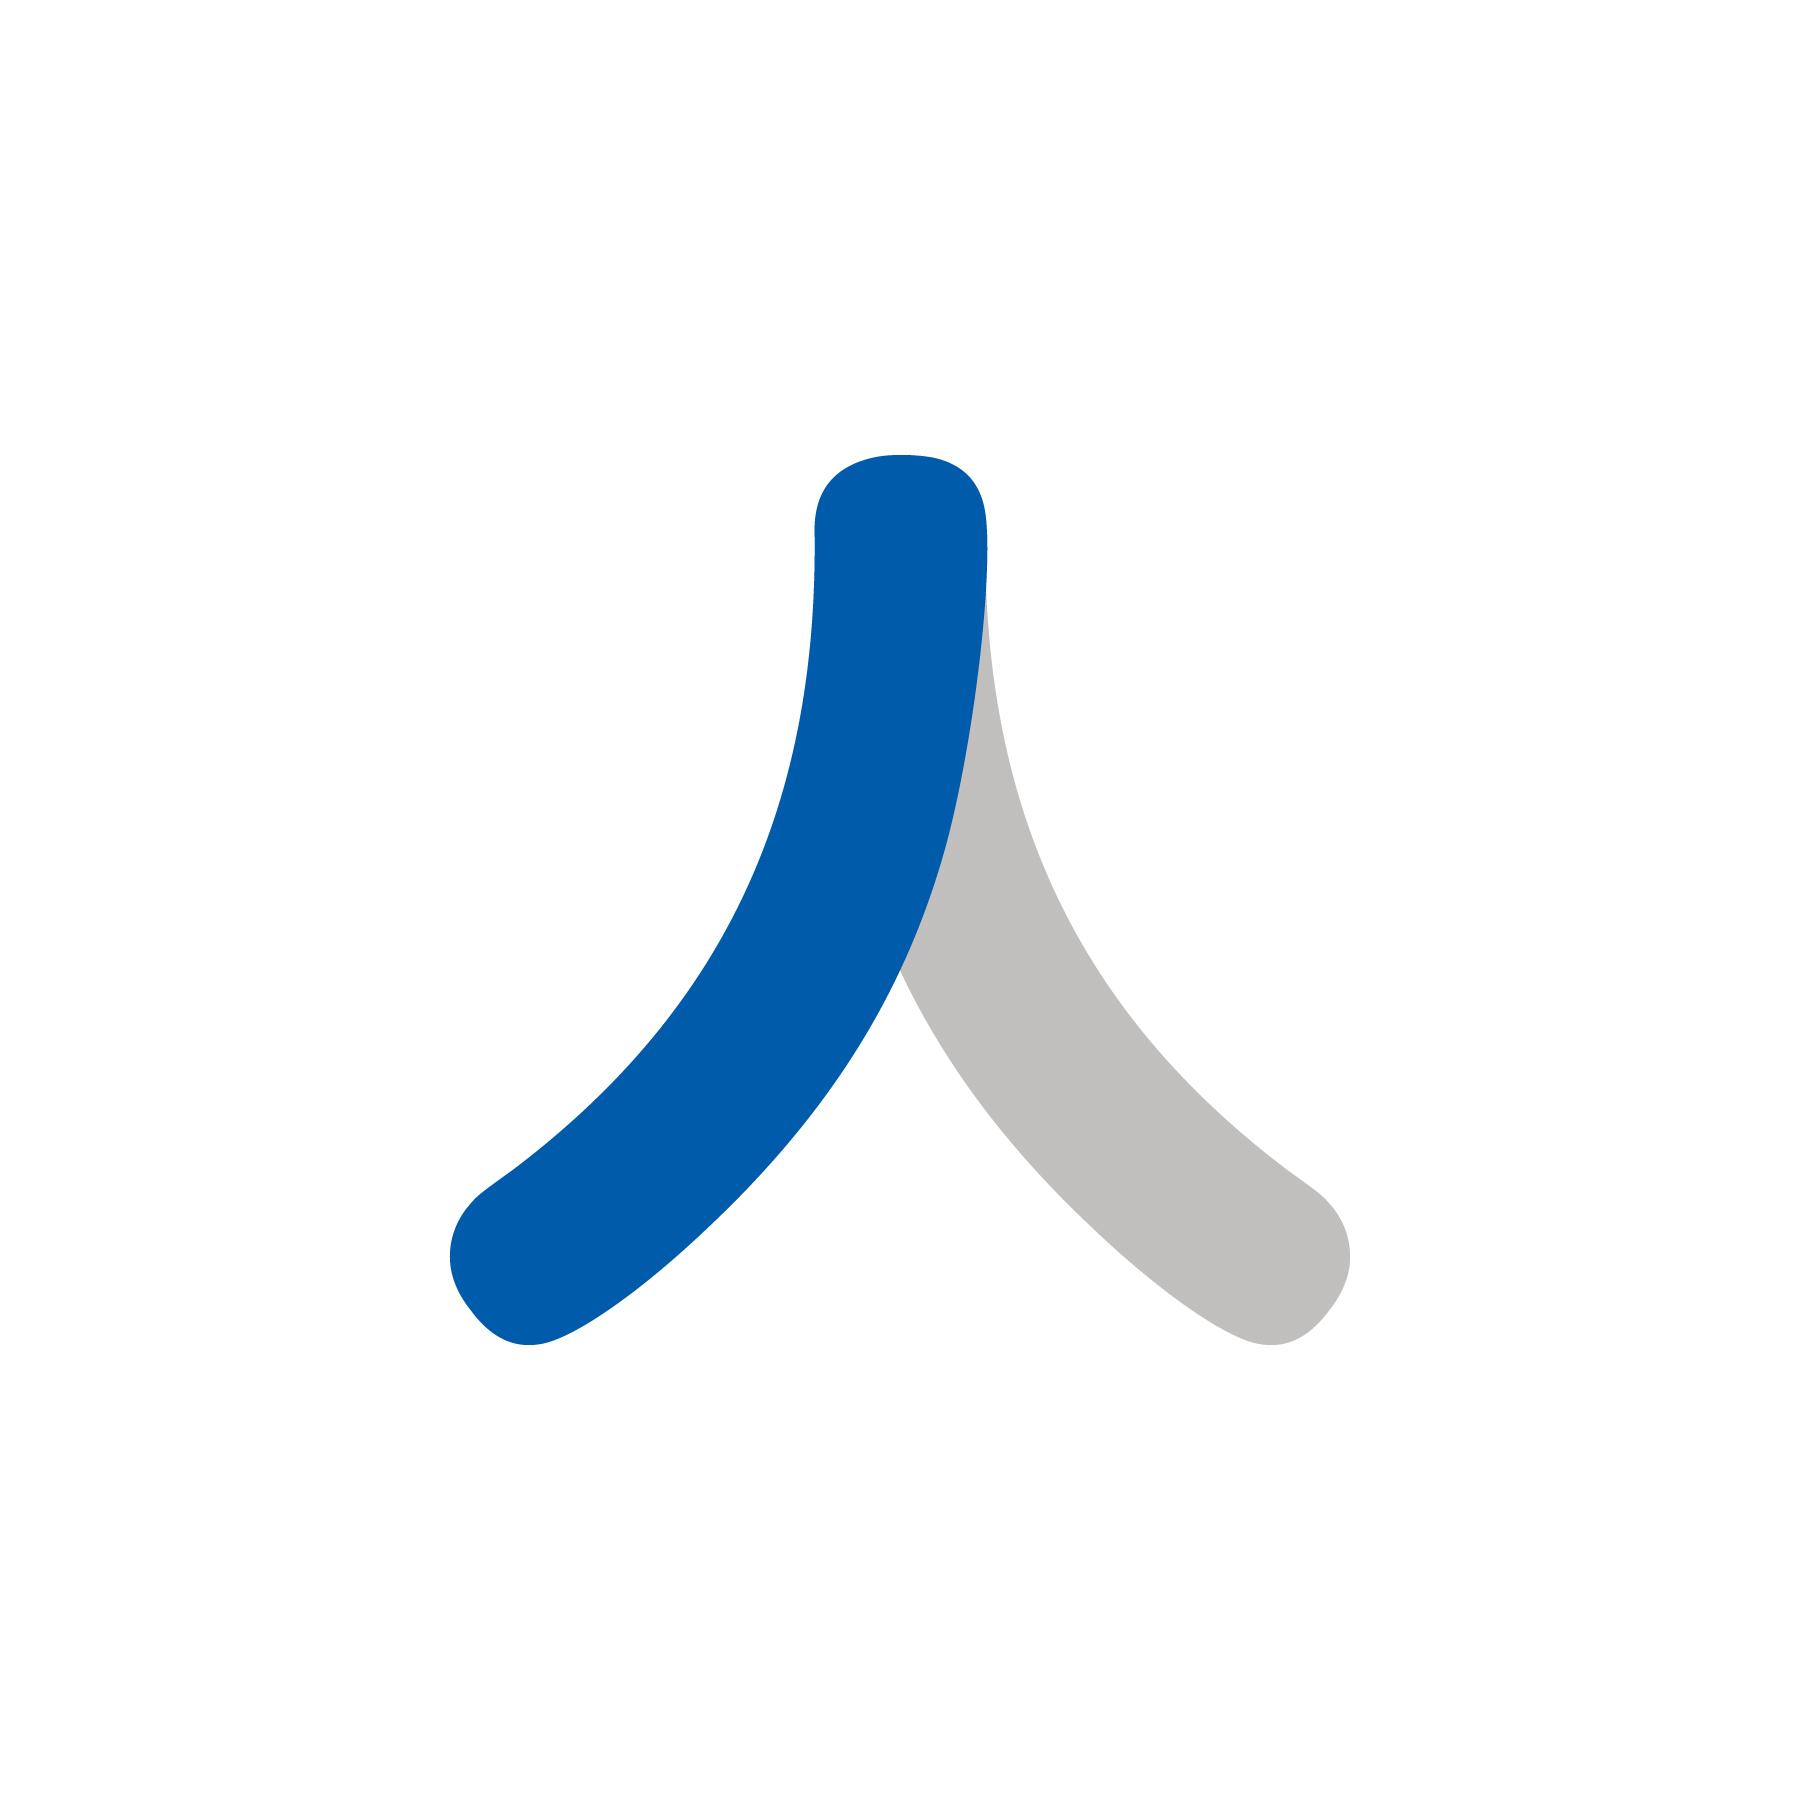 ノーマライゼーション促進研究会|CIロゴデザイン グラフィックデザイン ブランドデザイン|東京都品川区